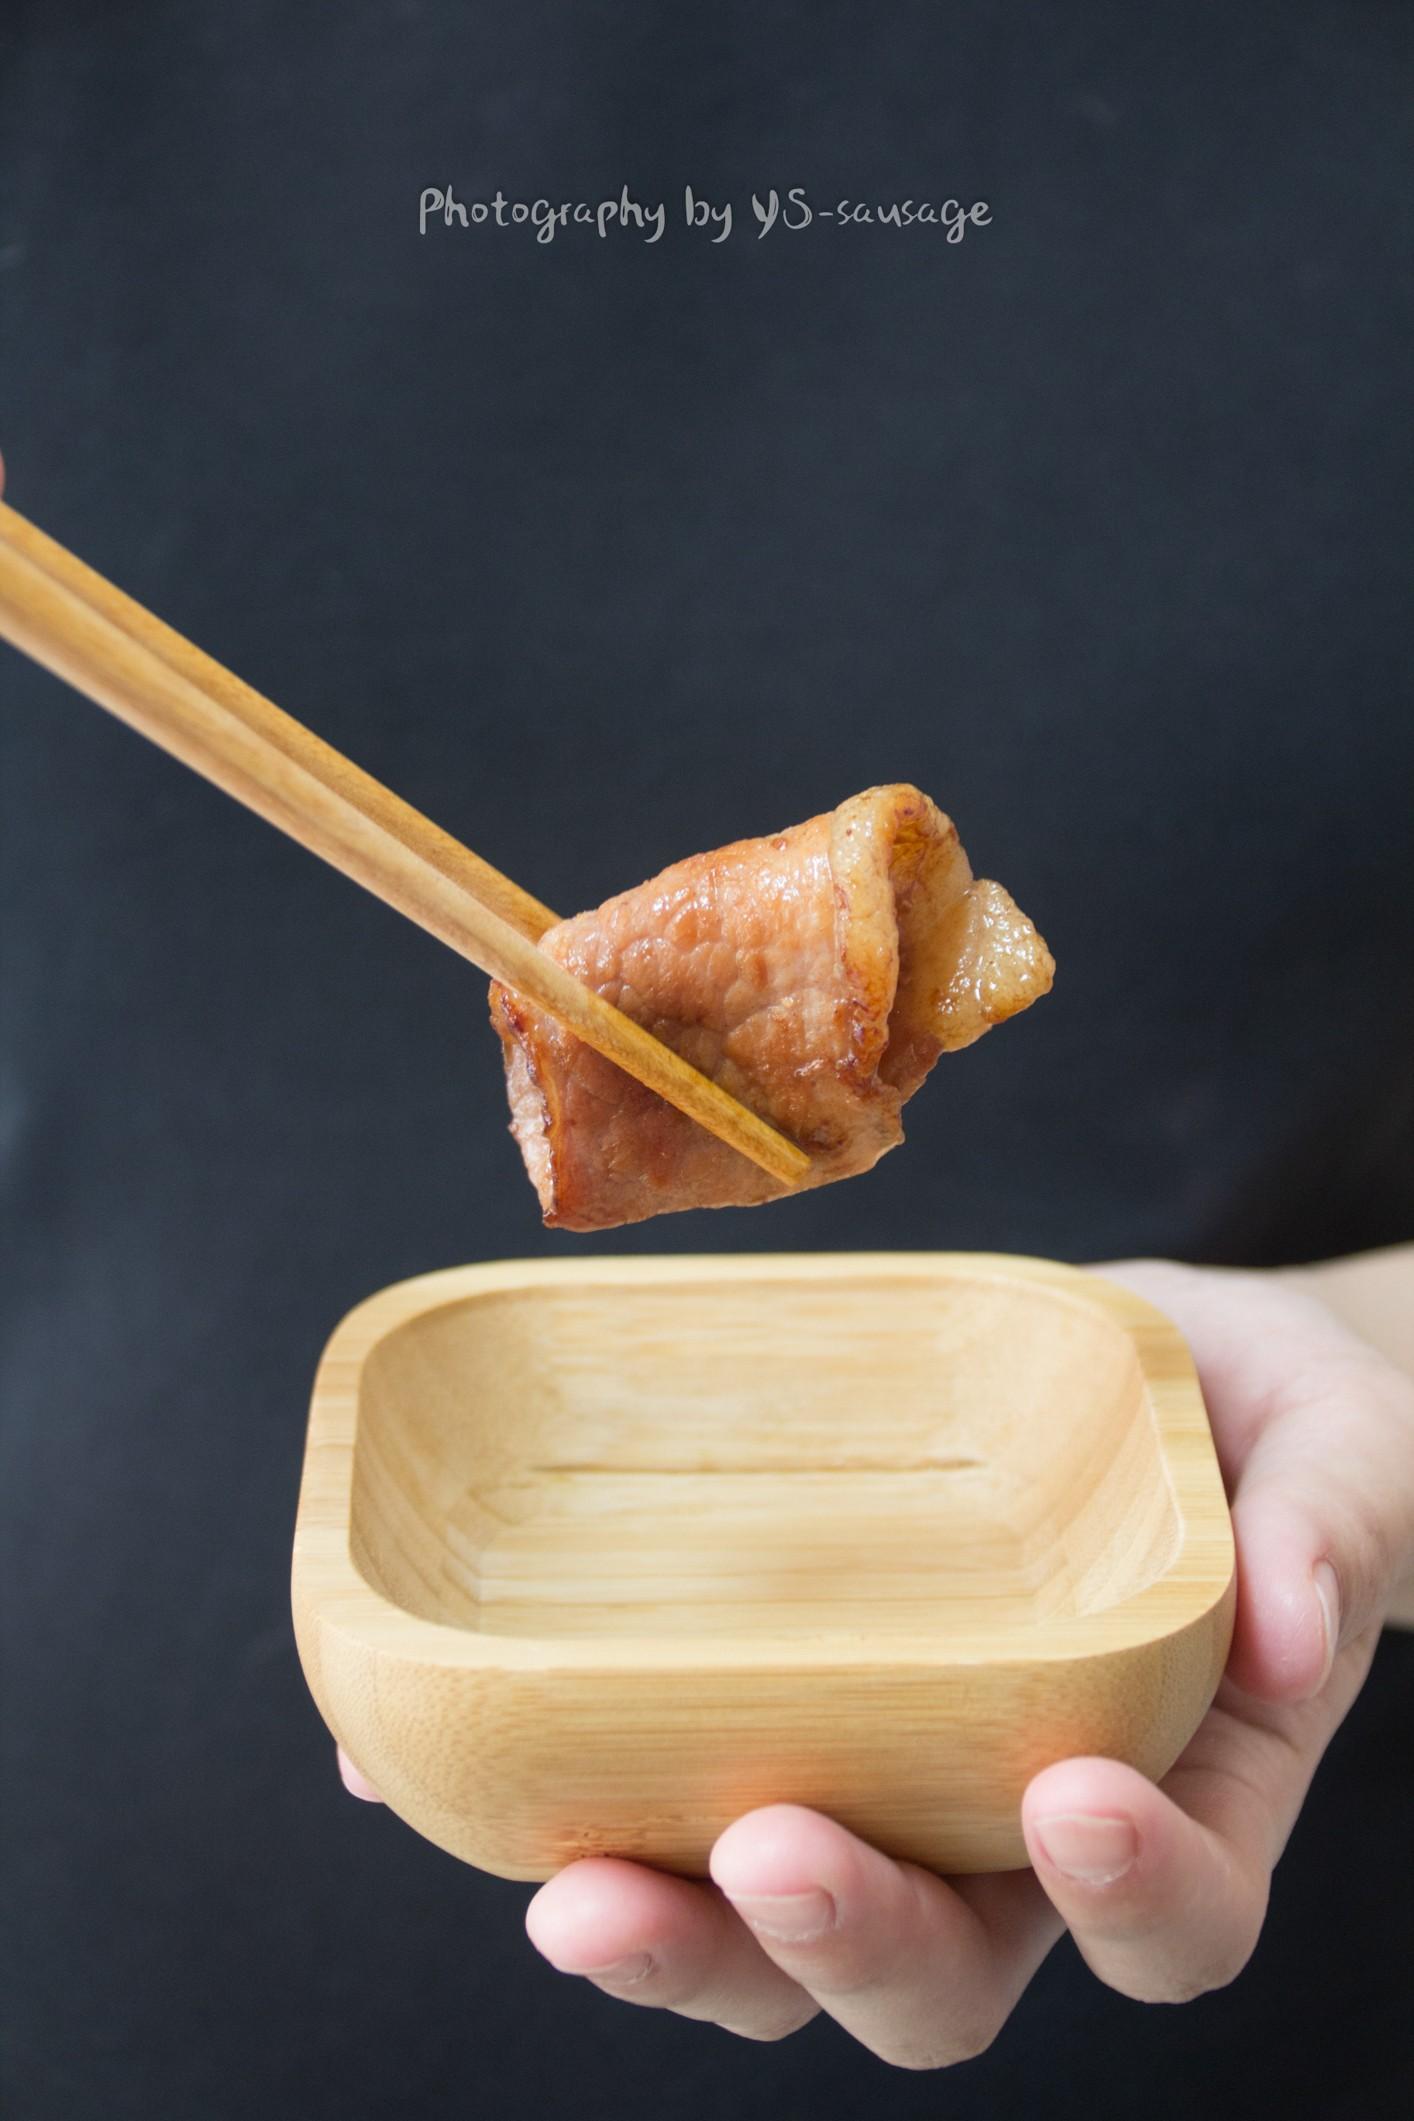 【高雄中都-永山香腸】團購美食、臺灣豬、當日現宰後腿肉、永山特製-醃肉片 (每份600g)